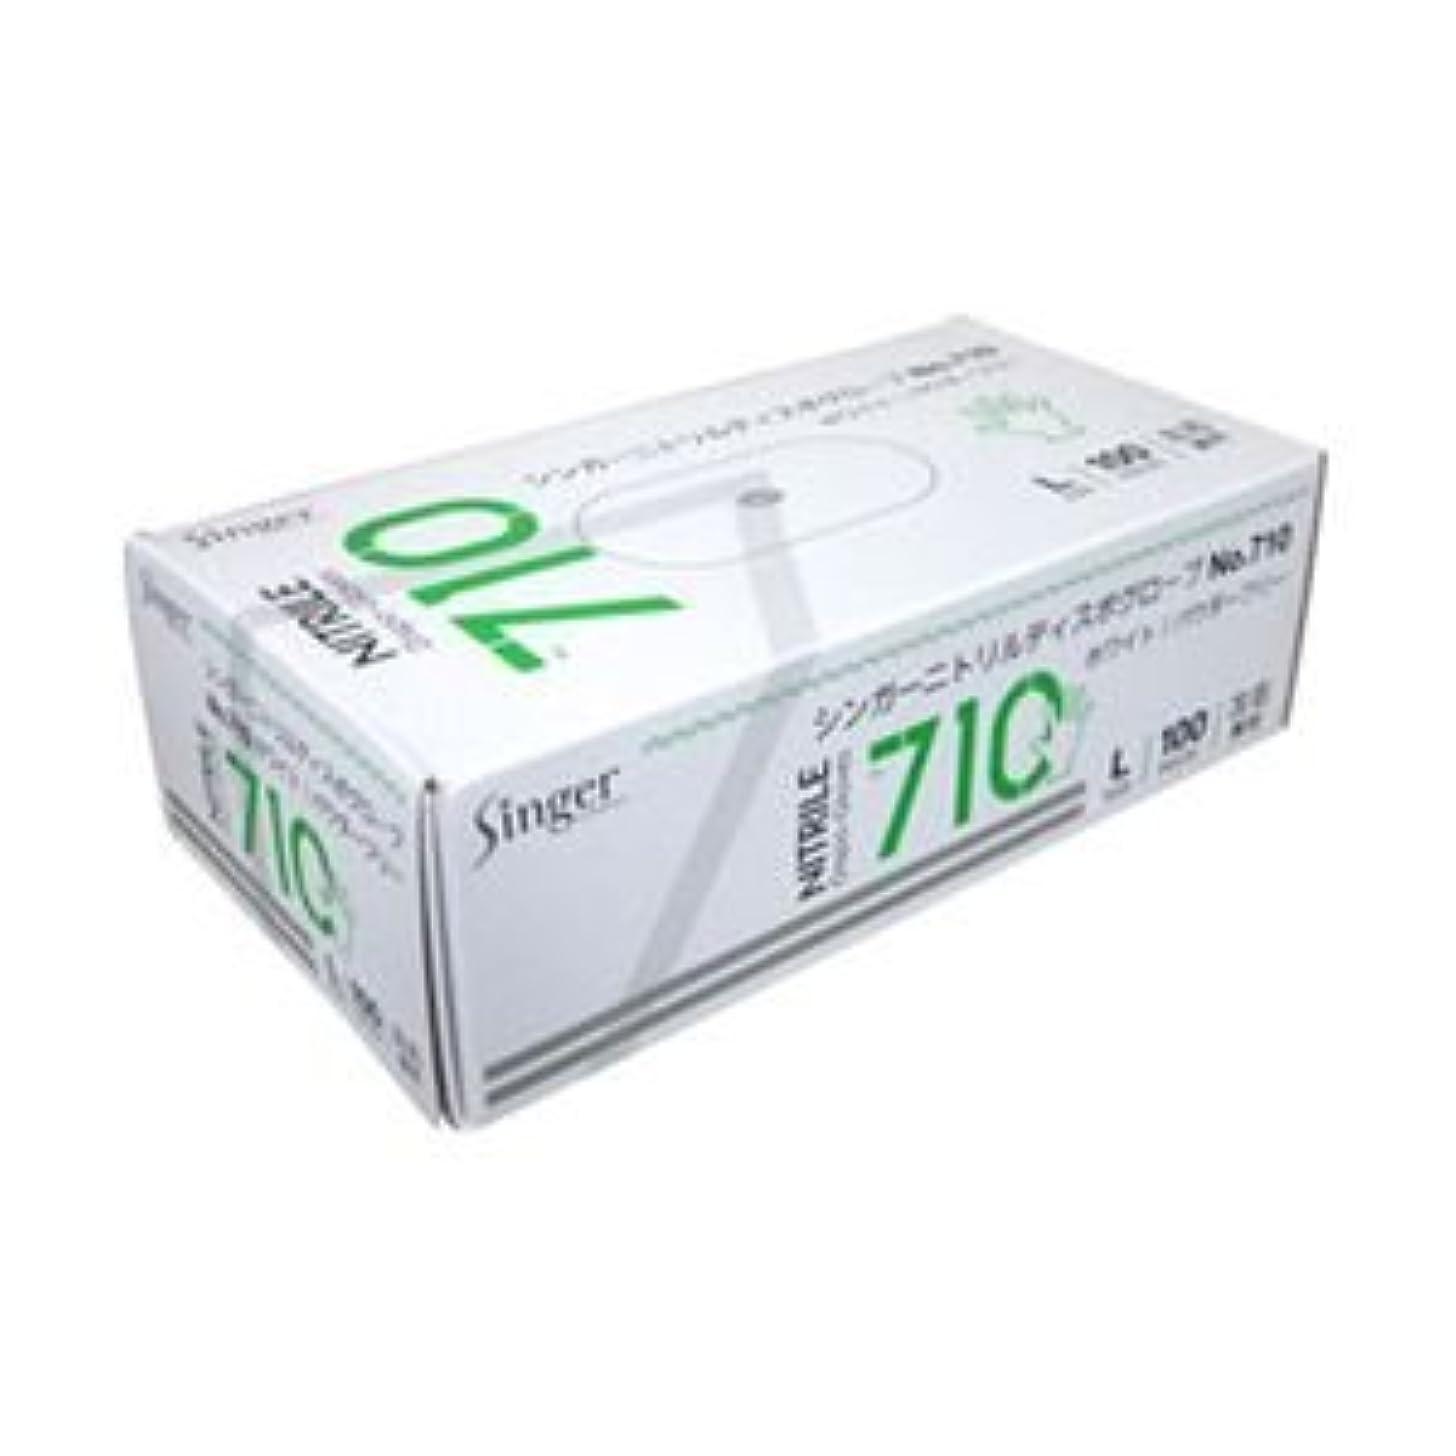 ガロン切断する極地宇都宮製作 ニトリル手袋 粉なし ホワイト L 1箱(100枚) ×5セット